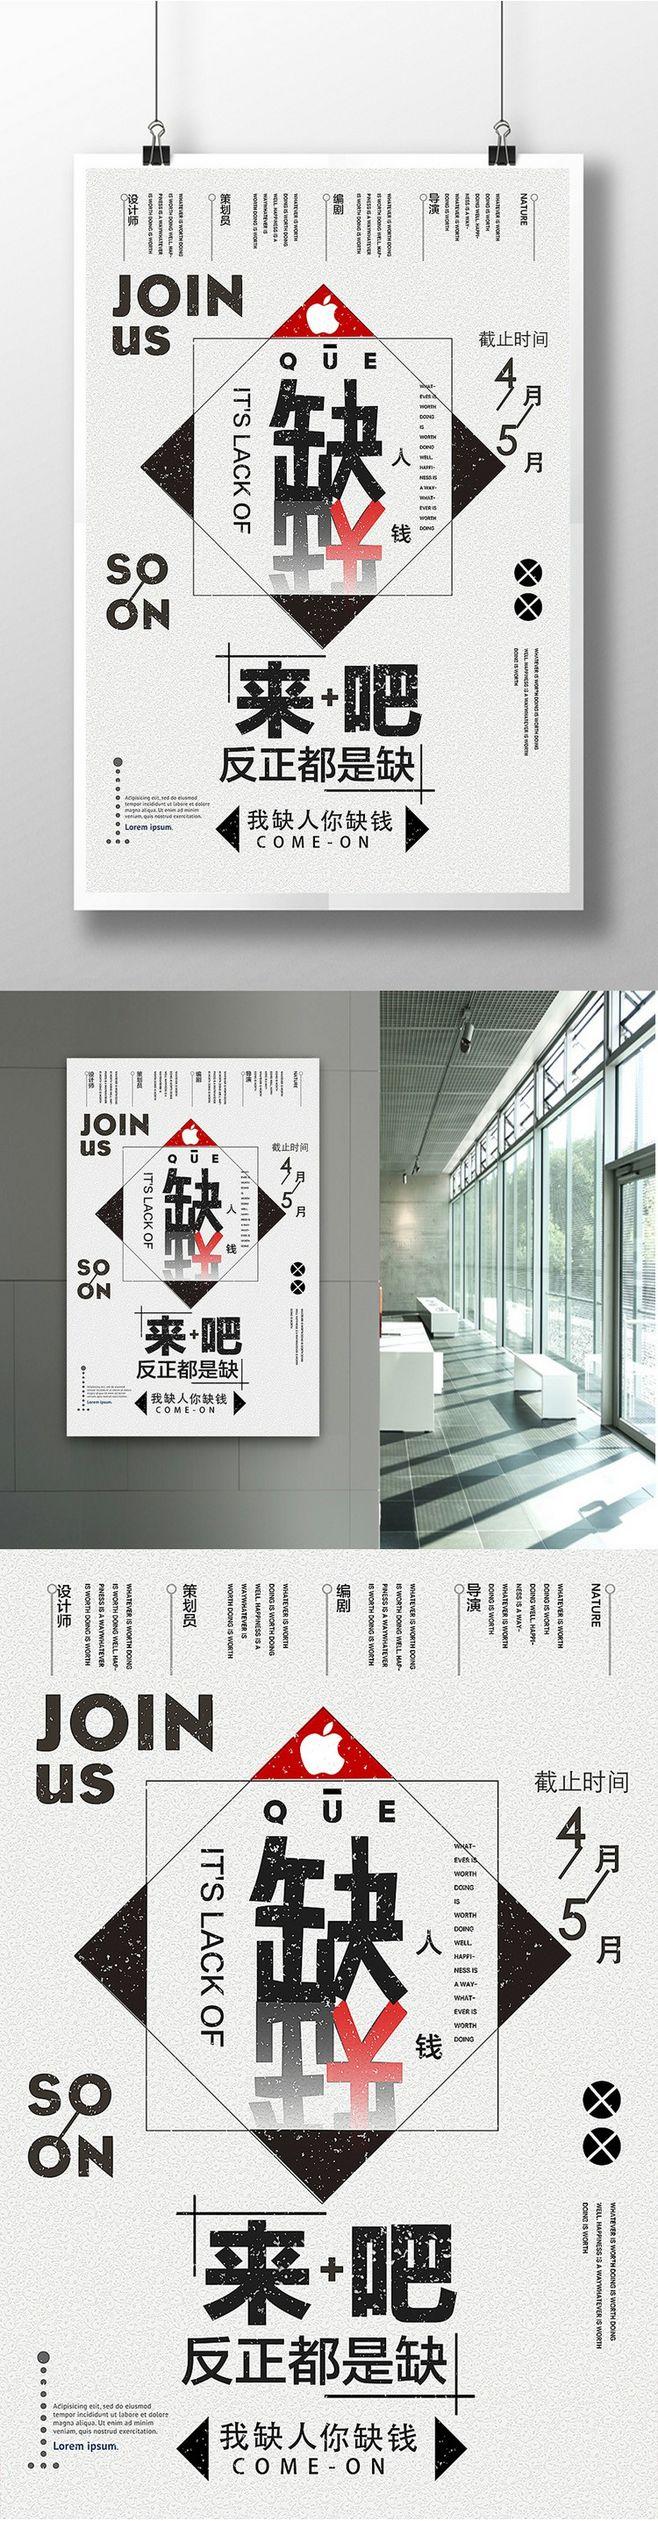 创意海报设计欣赏